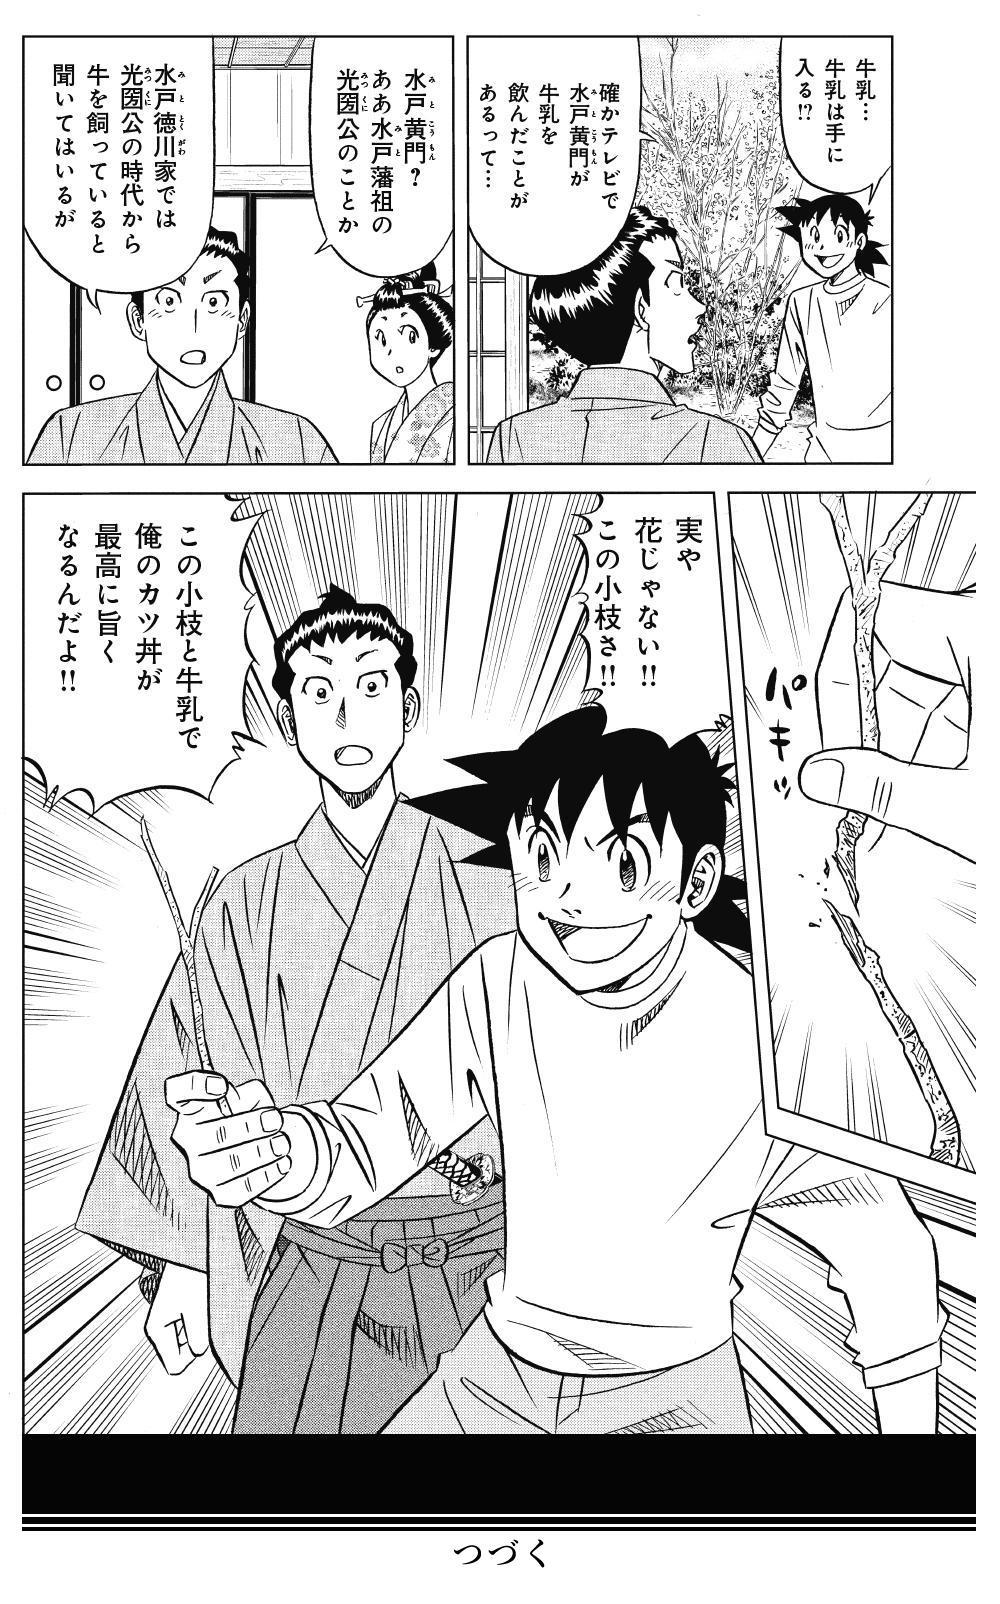 ミスター味っ子 幕末編 第1話「黒船来航」②ajikko25.jpg